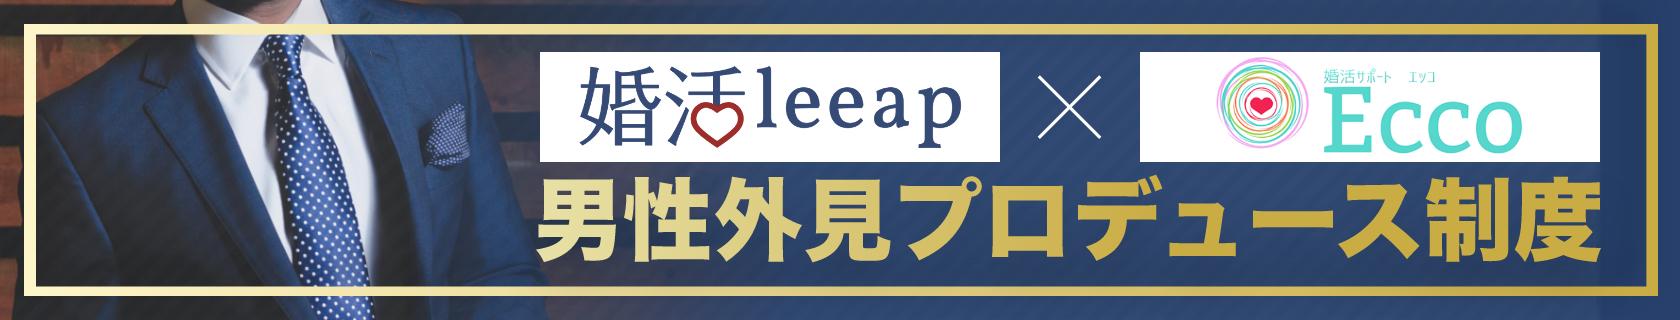 婚活leeap×婚活サポート Eccoで、男性外見プロデュース制度が開始しました! | 立川結婚相談所 婚活サポートEcco(エッコ)は1年以内に結婚したいあなたを親身になって結婚に導きます。